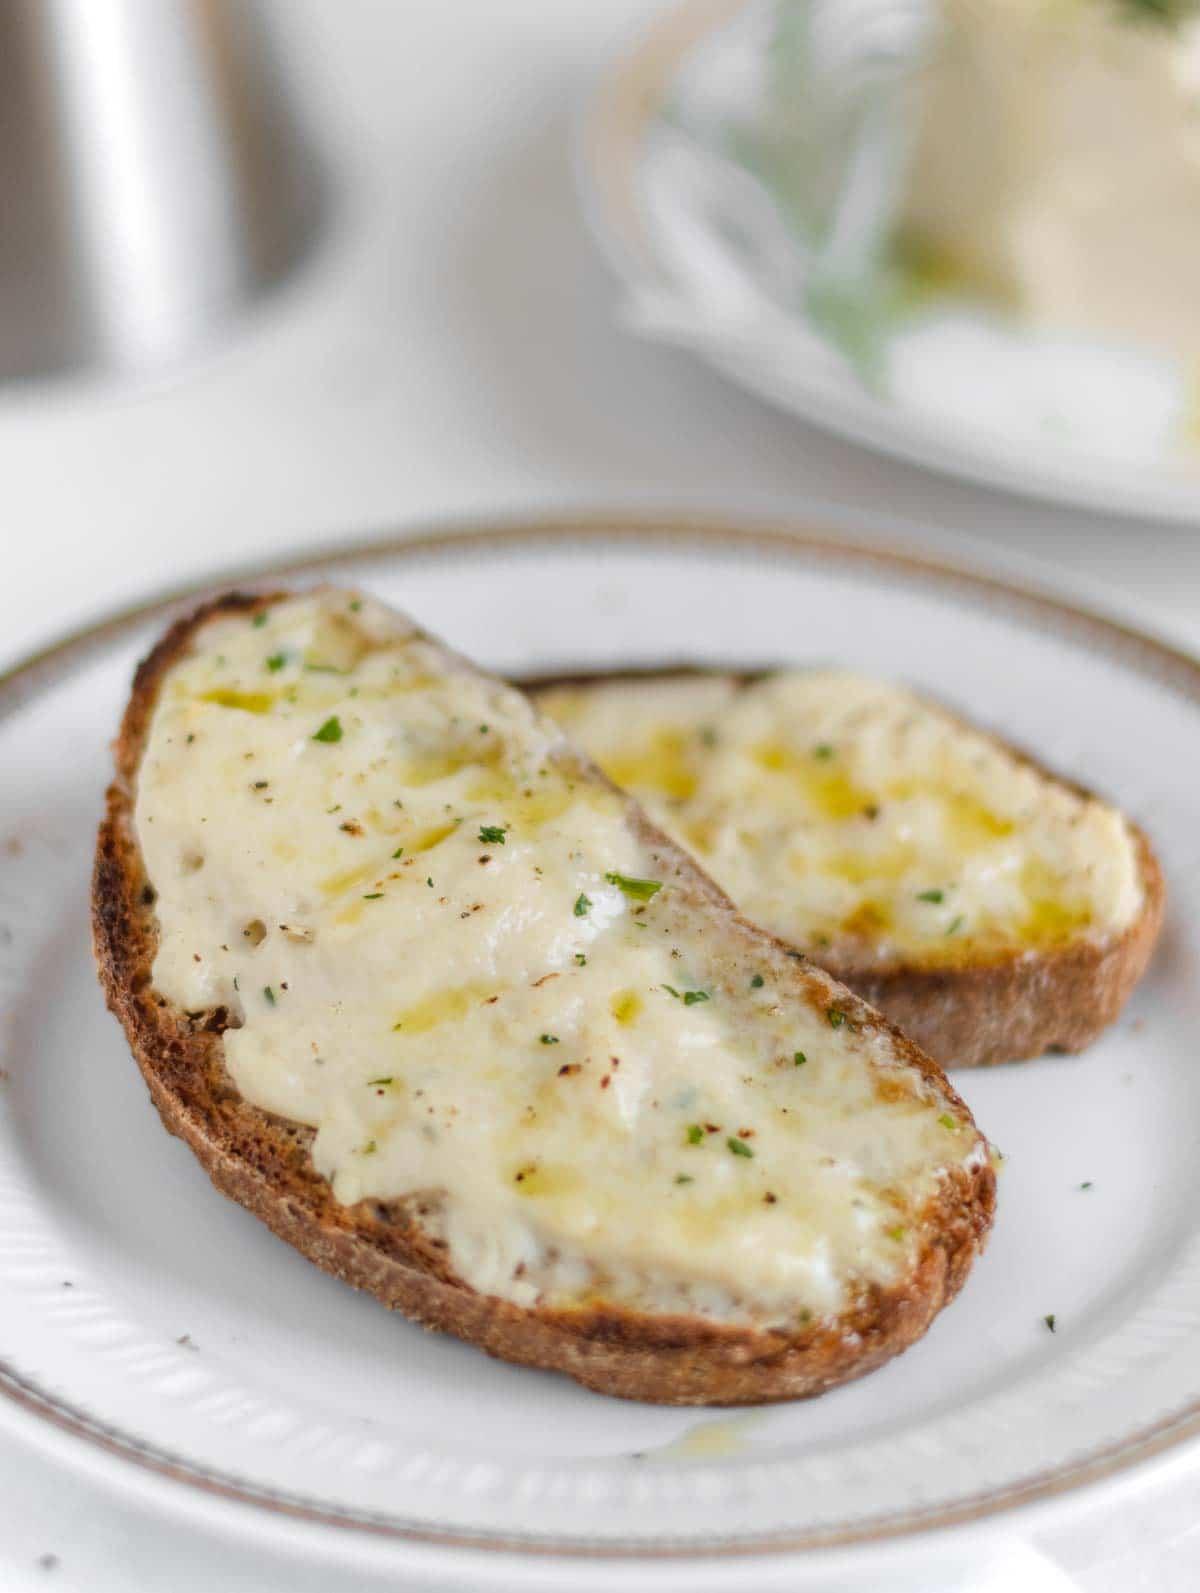 bruschetta with vegan stracchino cheese